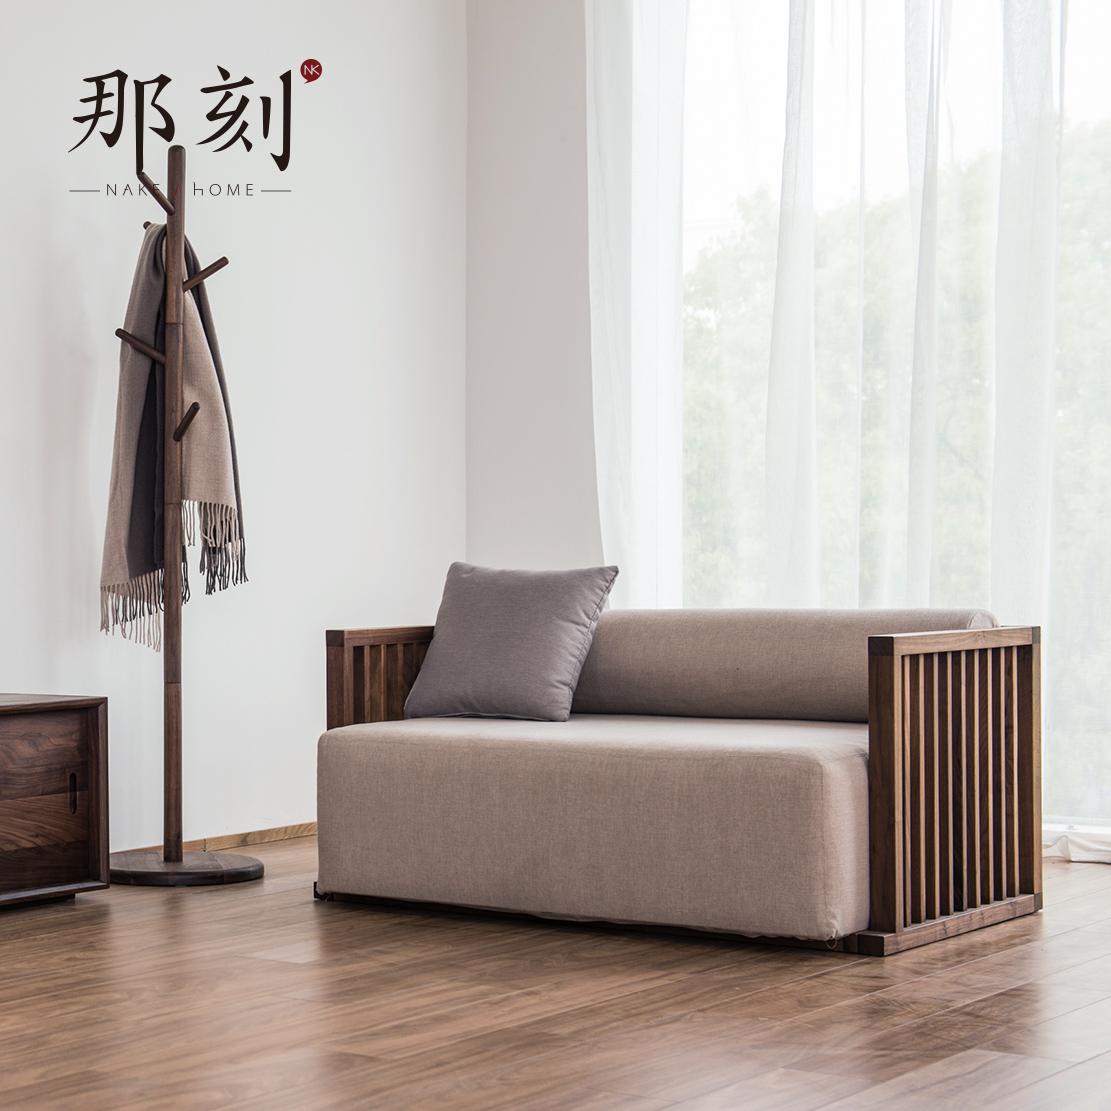 那刻2019凌空沙发原创设计现代简约北欧日式黑胡桃全实木客厅卧室